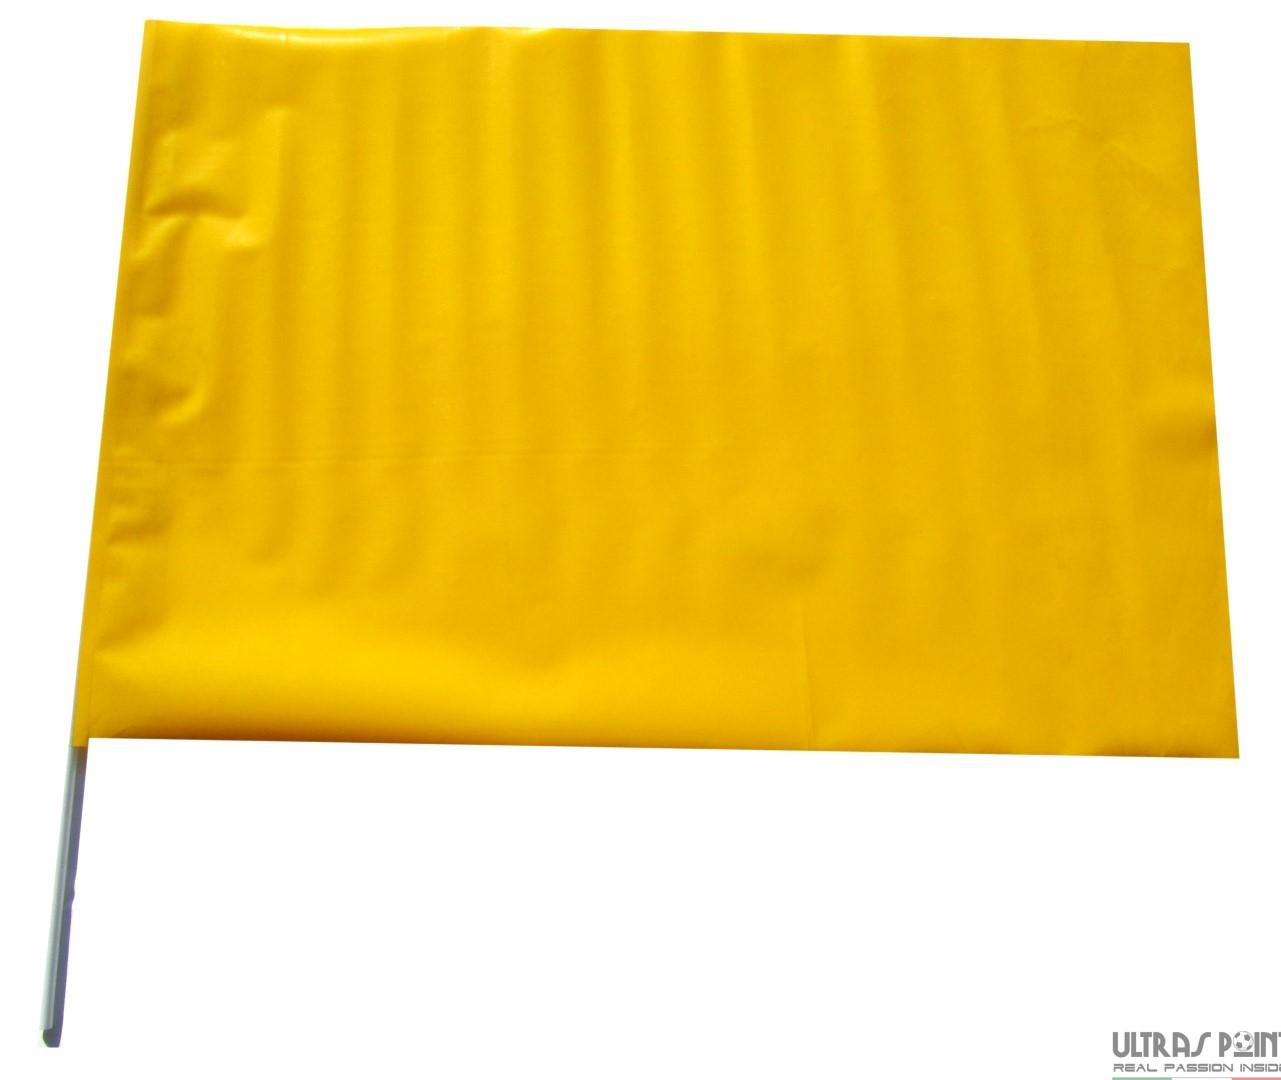 bandiere plastica monocolore gialla